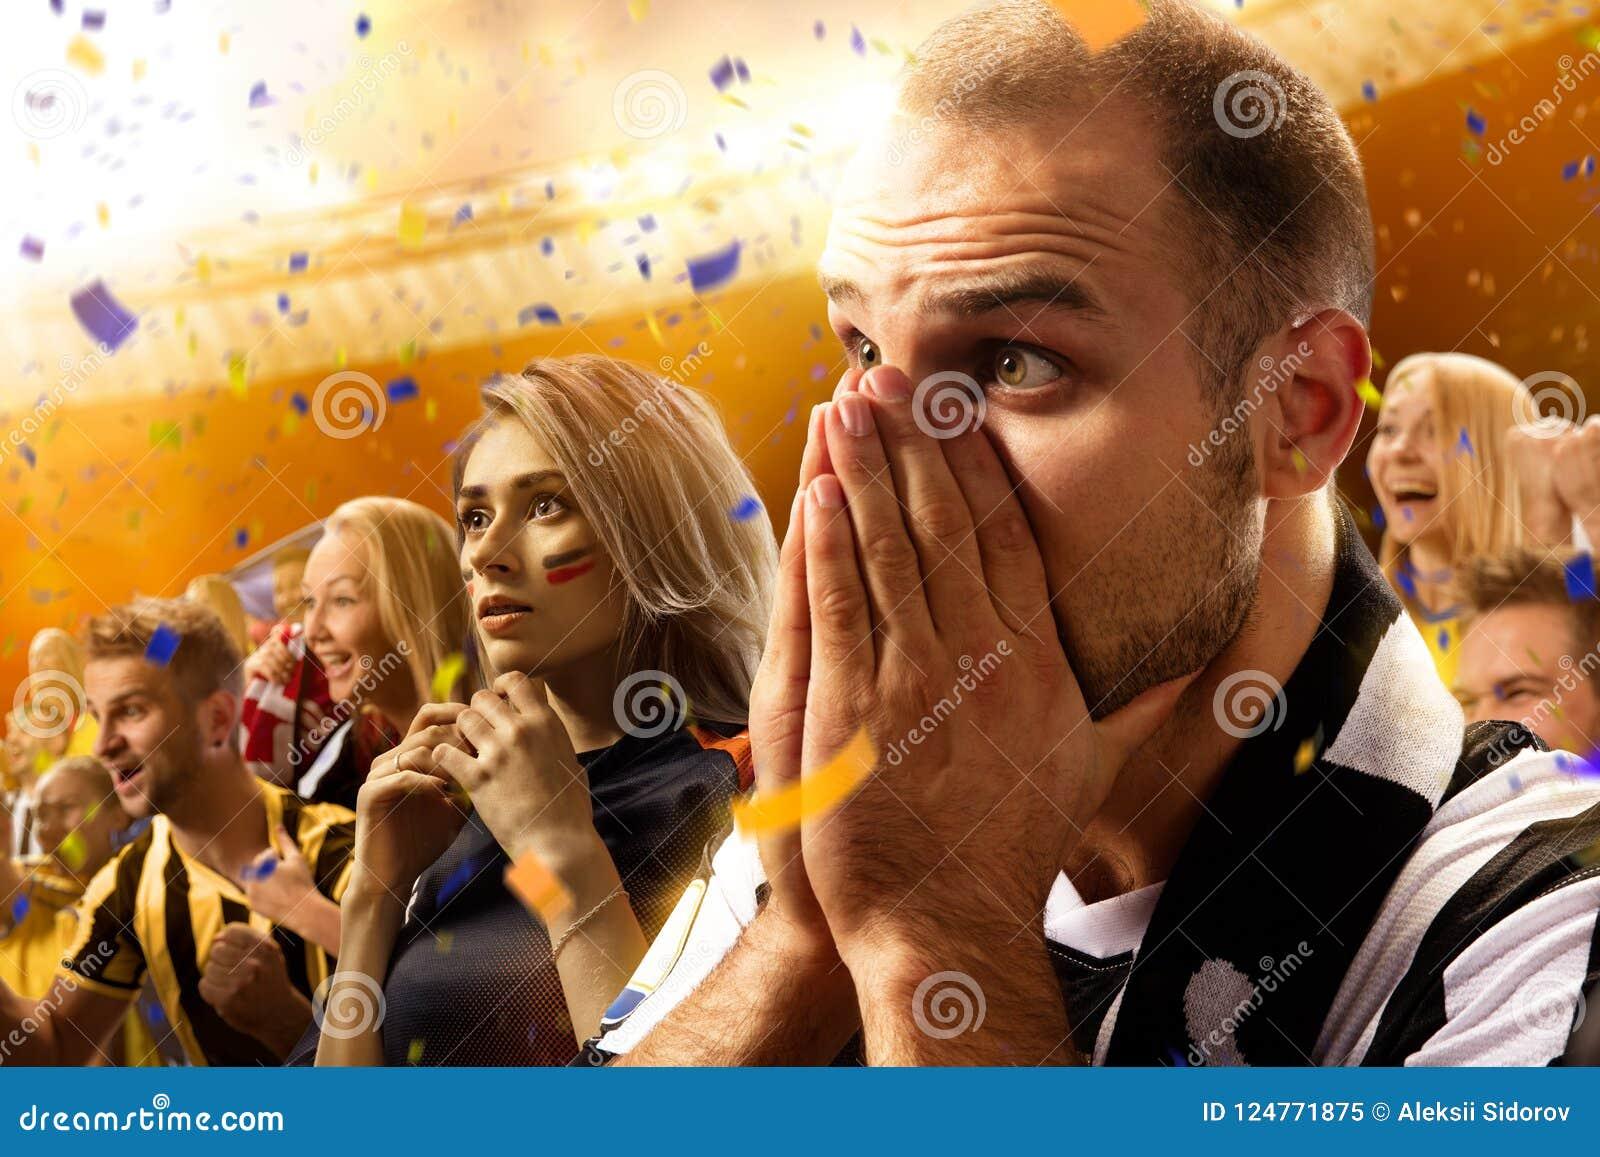 Портрет эмоций поклонников футбола стадиона